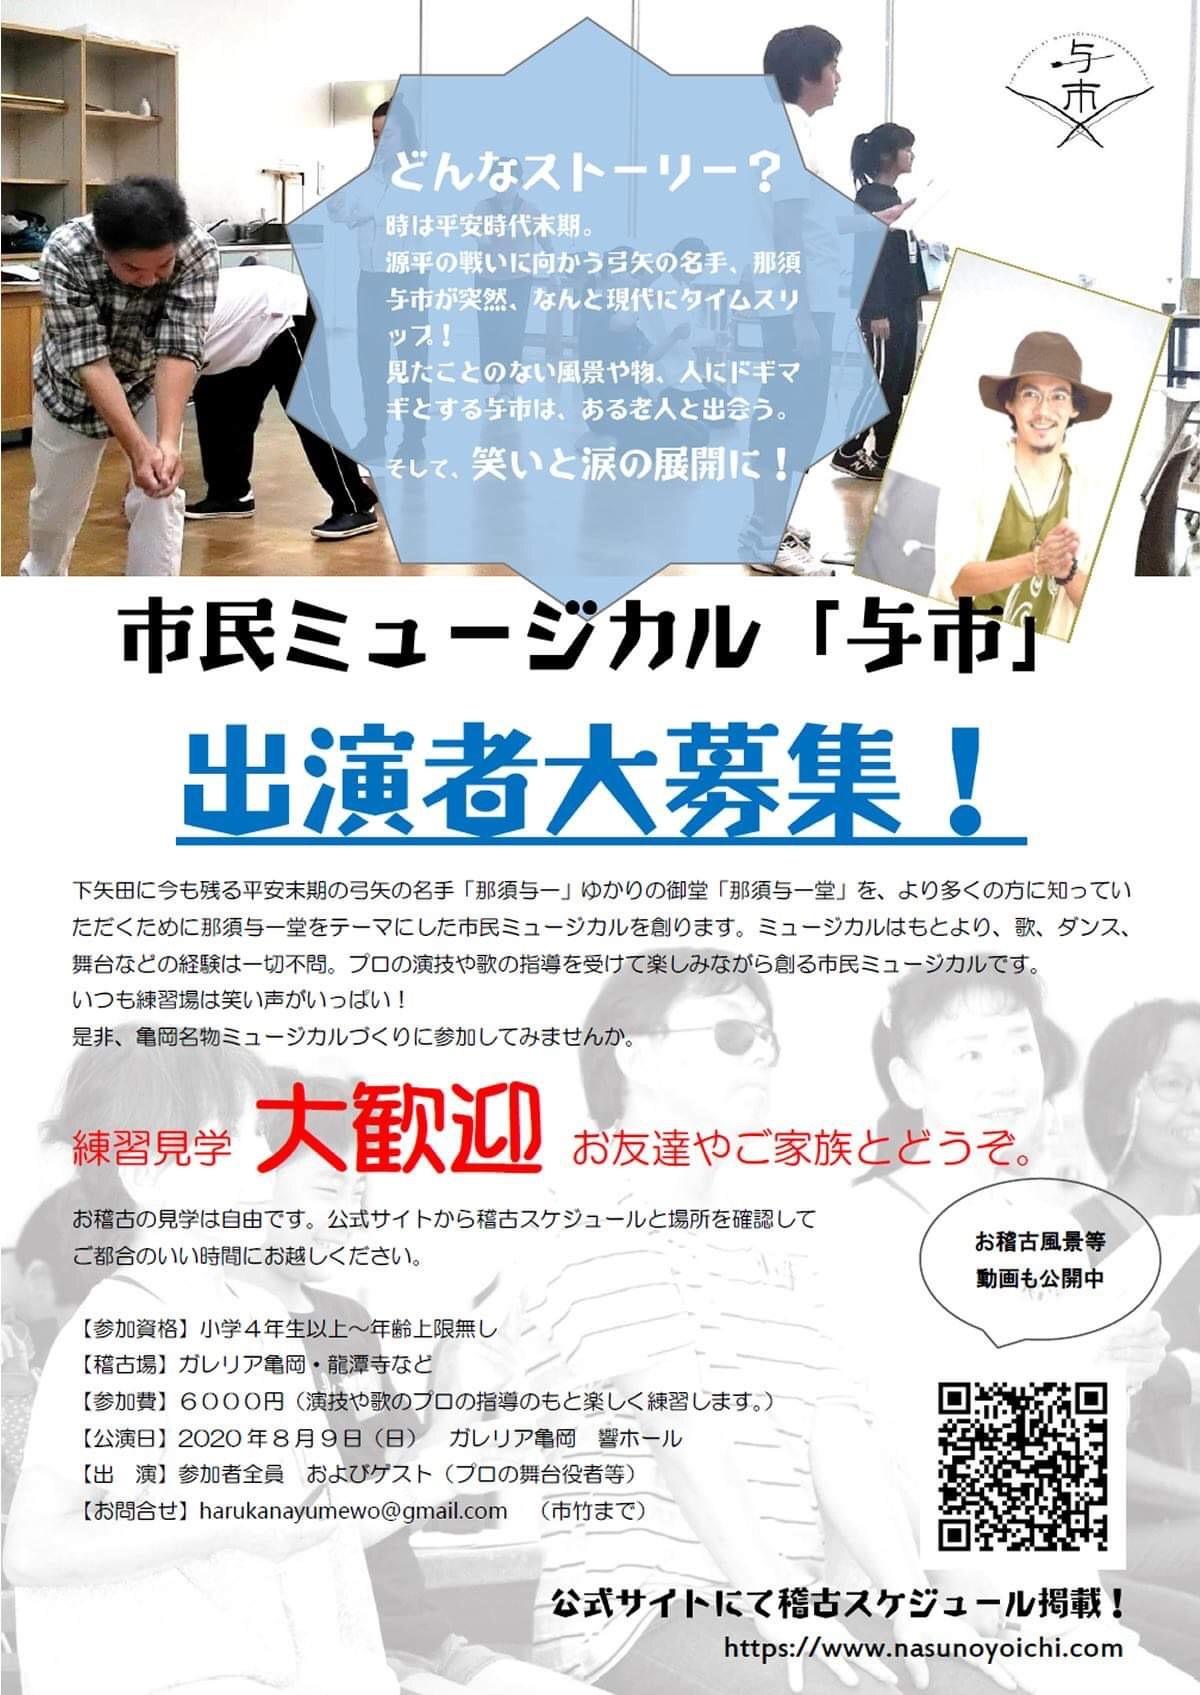 【与市 -THE MUSICAL-】☆急展開!スペシャルゲスト!☆_c0180209_14045703.jpeg